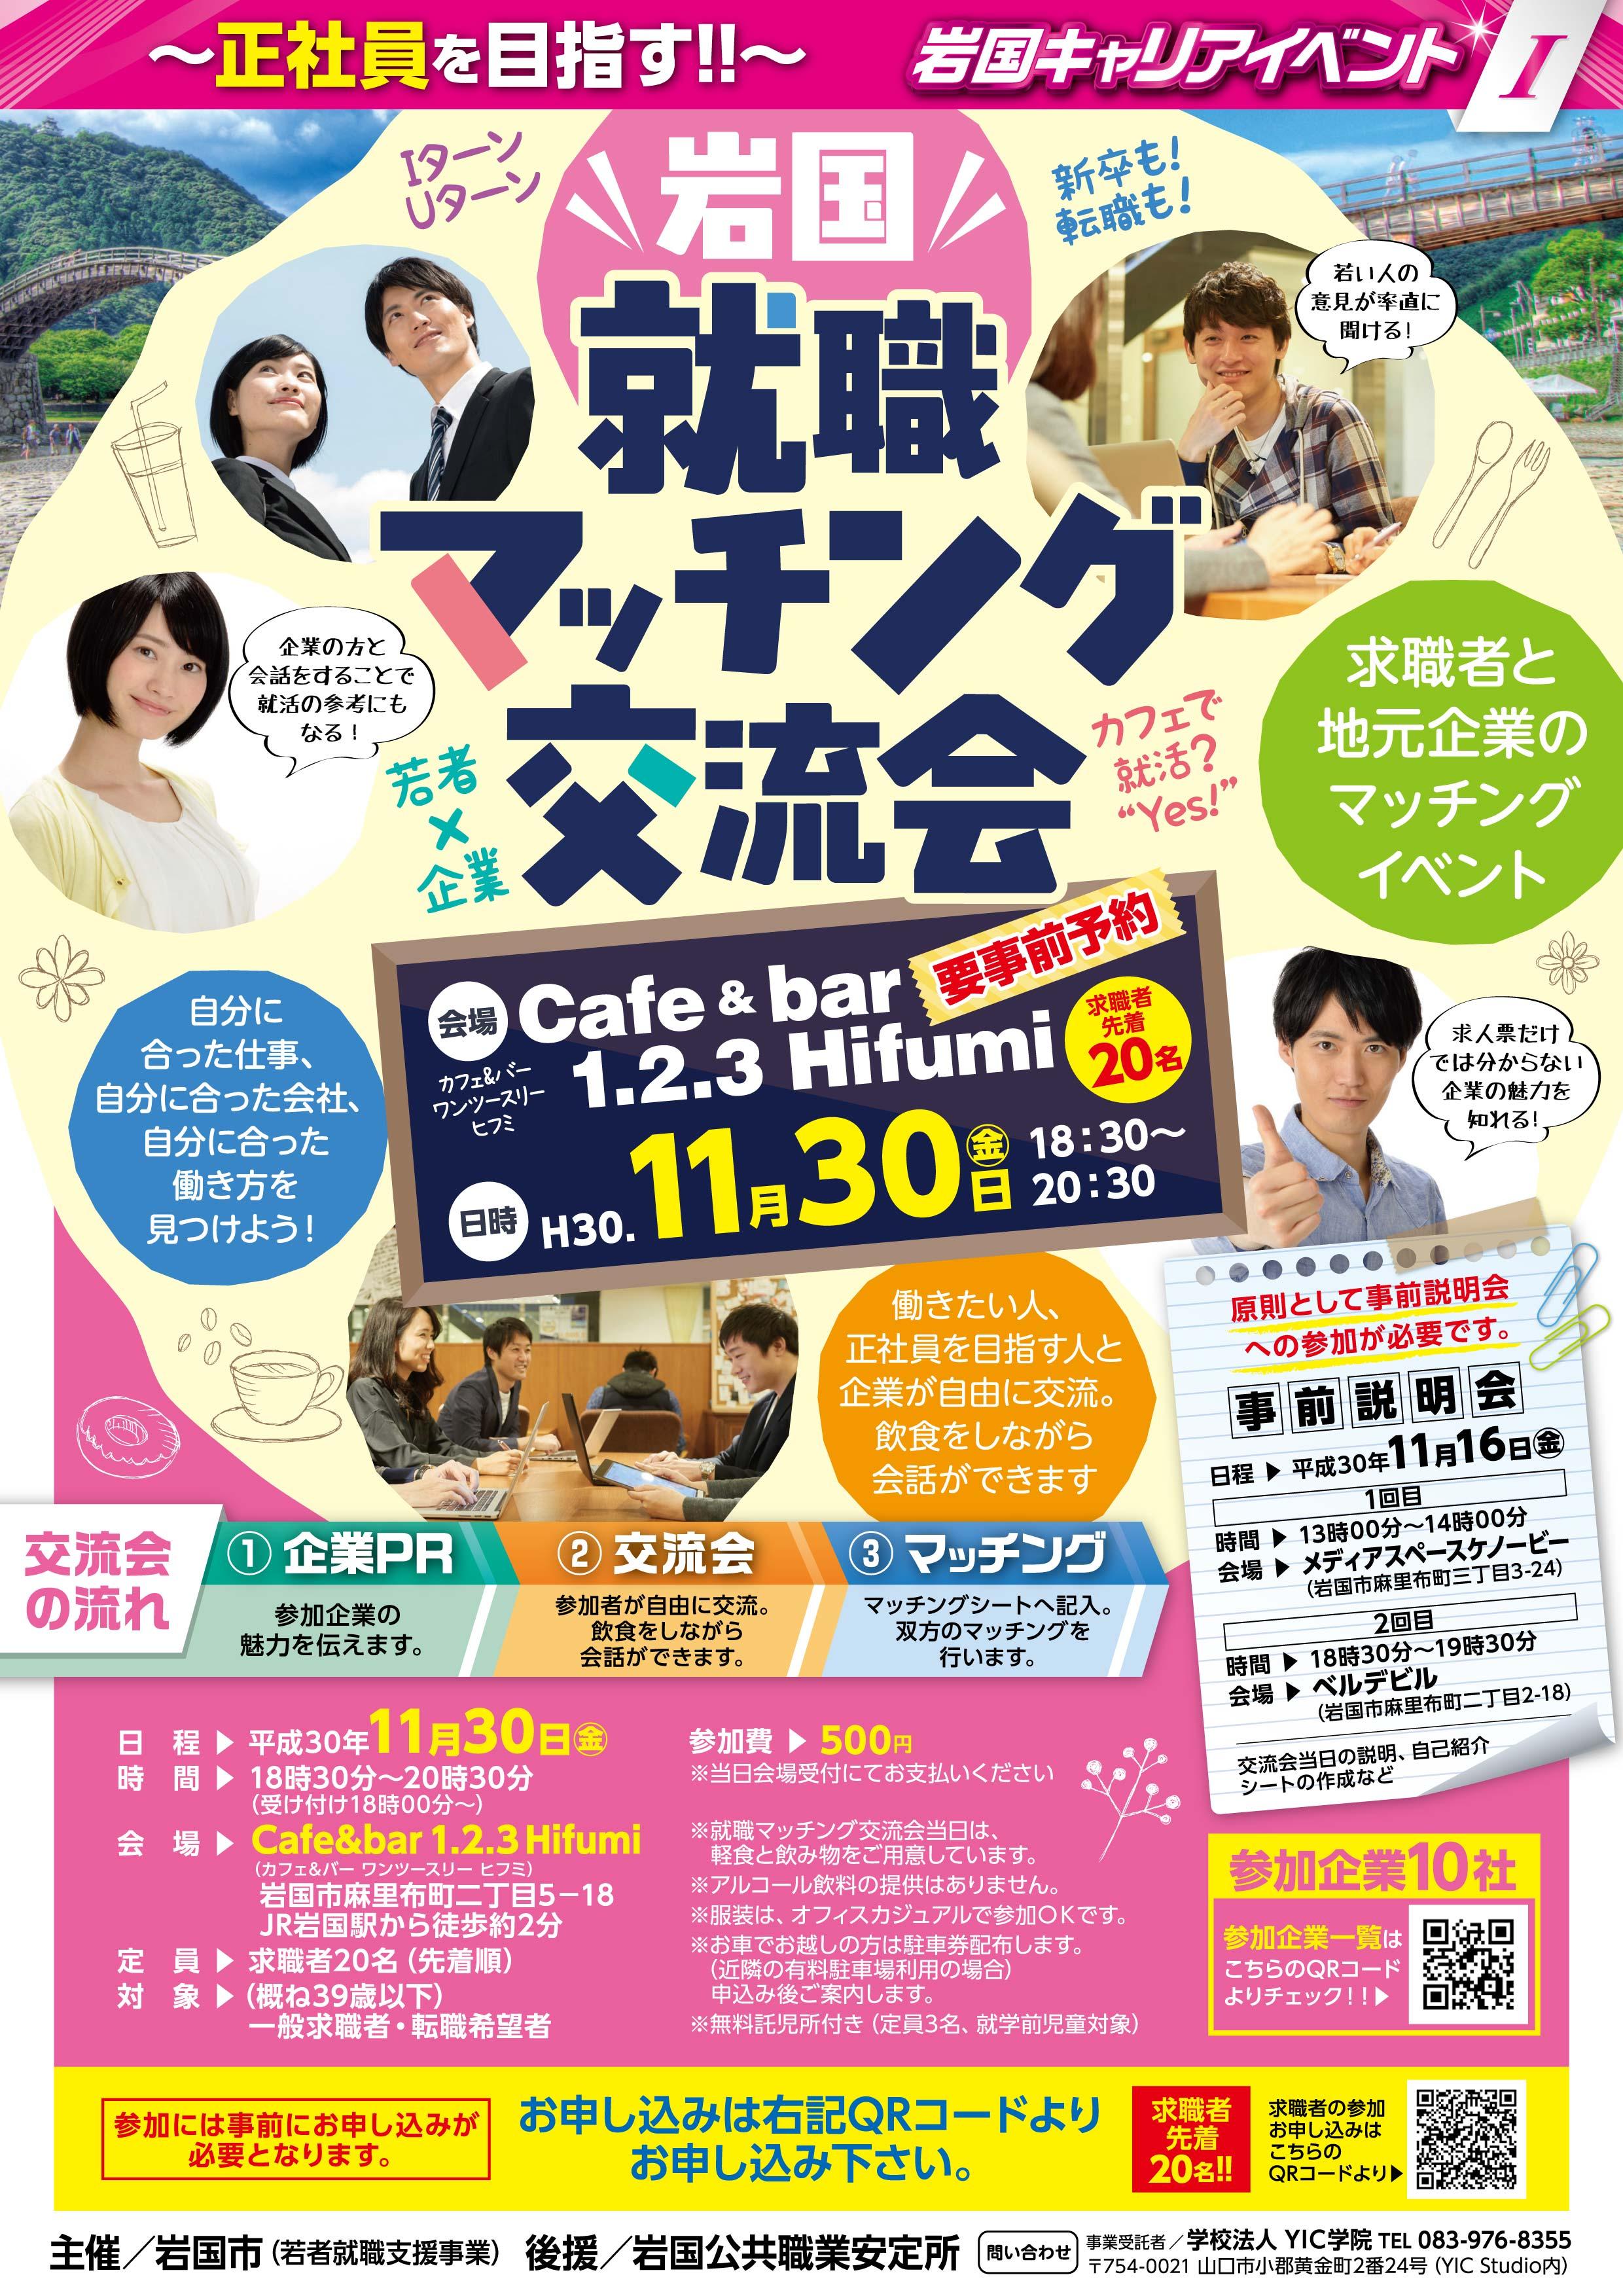 (終了しました)岩国キャリアイベントⅠ 「就職マッチング交流会」を開催します